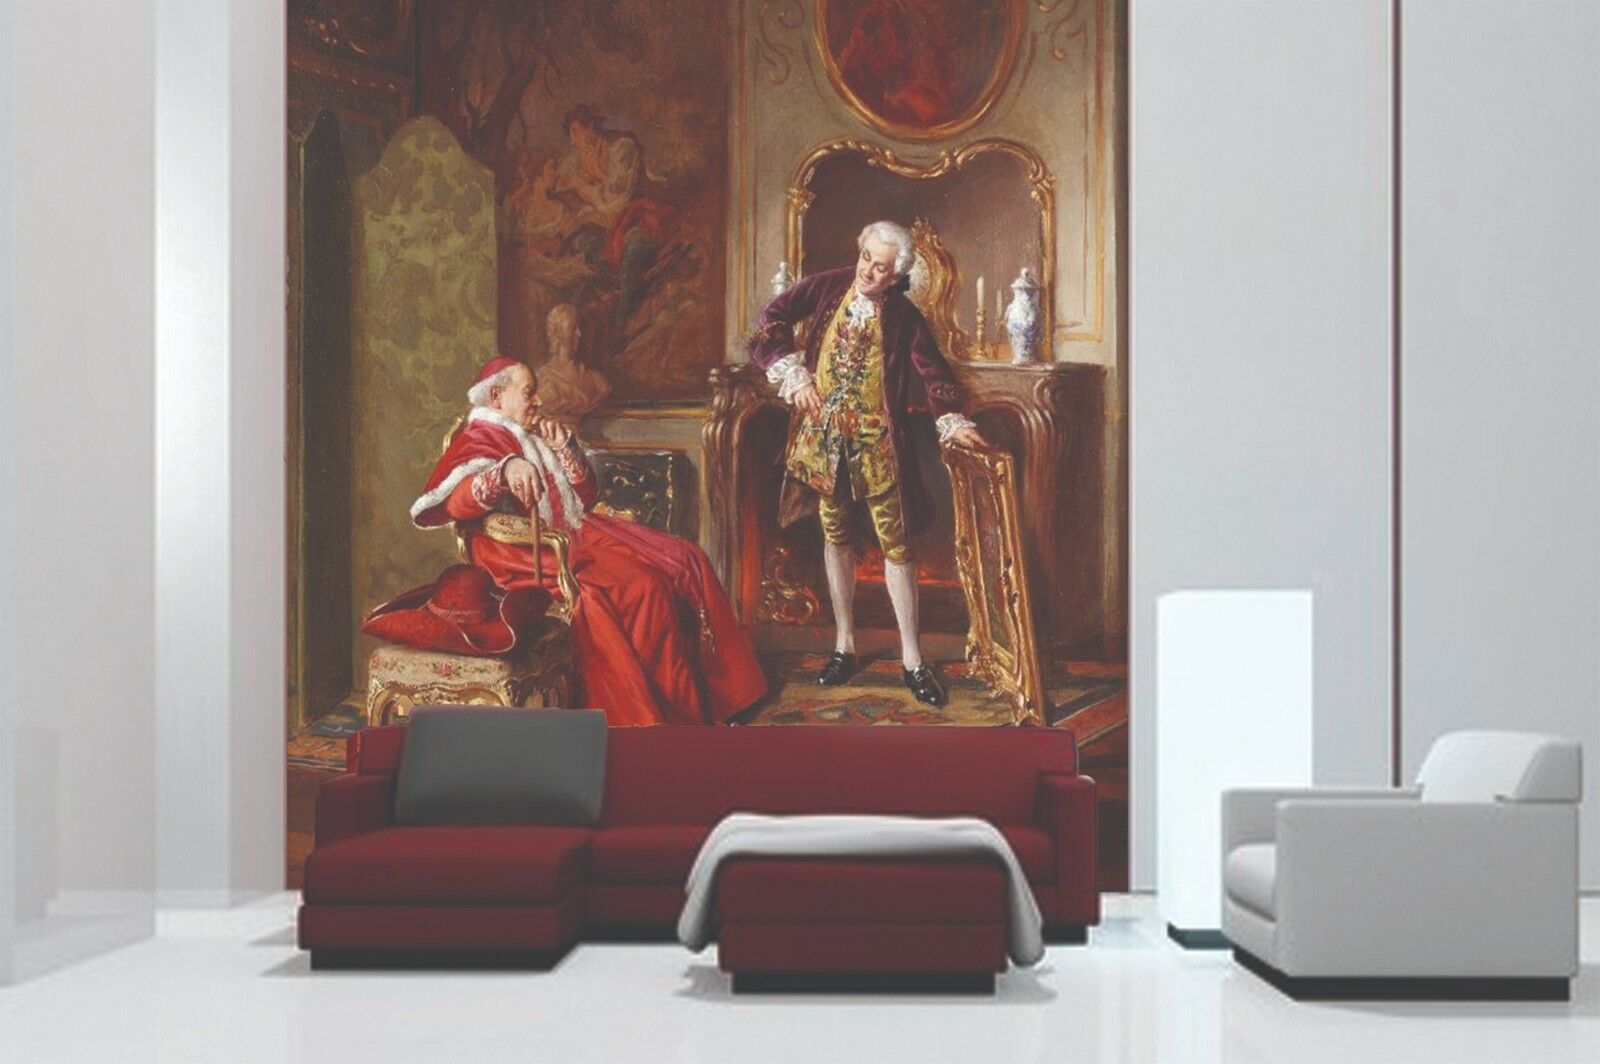 3D Earl Ölgemälde 918 Tapete Wandgemälde Wandgemälde Wandgemälde Tapete Tapeten Bild Familie DE Lemon   Bekannt für seine schöne Qualität    Verschiedene aktuelle Designs     0d1899